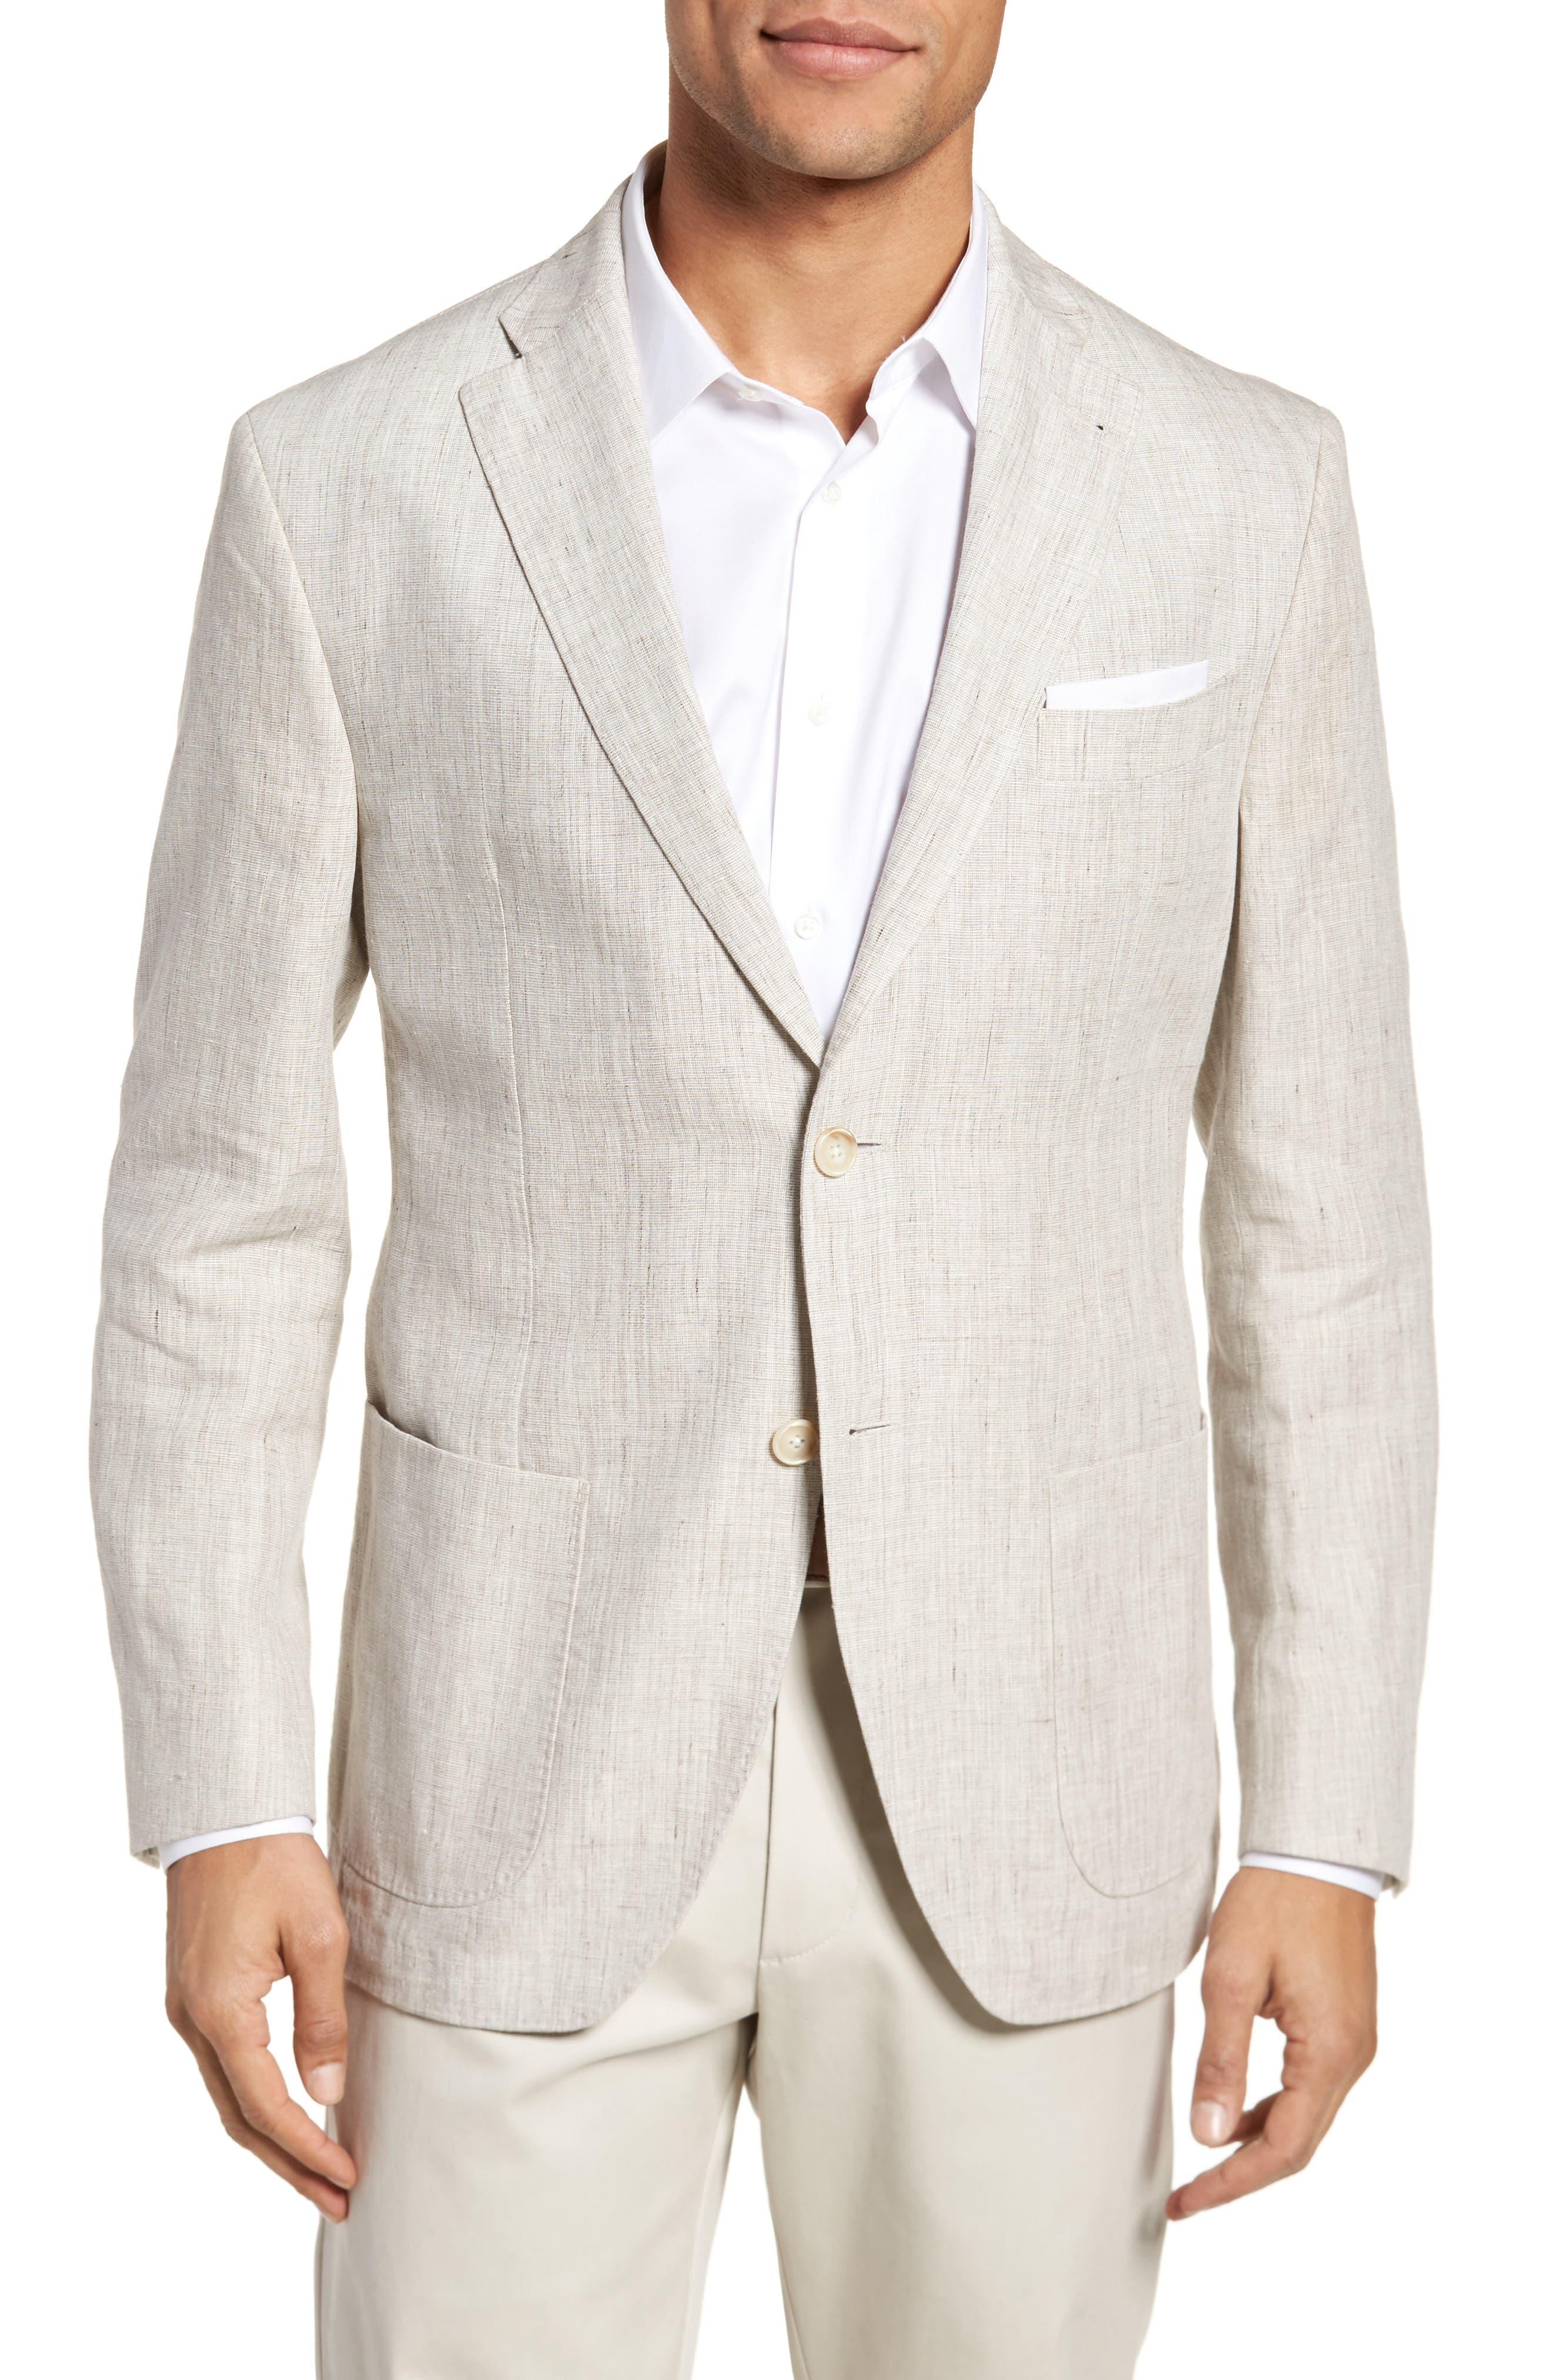 Trent Trim Fit Linen Blazer,                         Main,                         color, 250